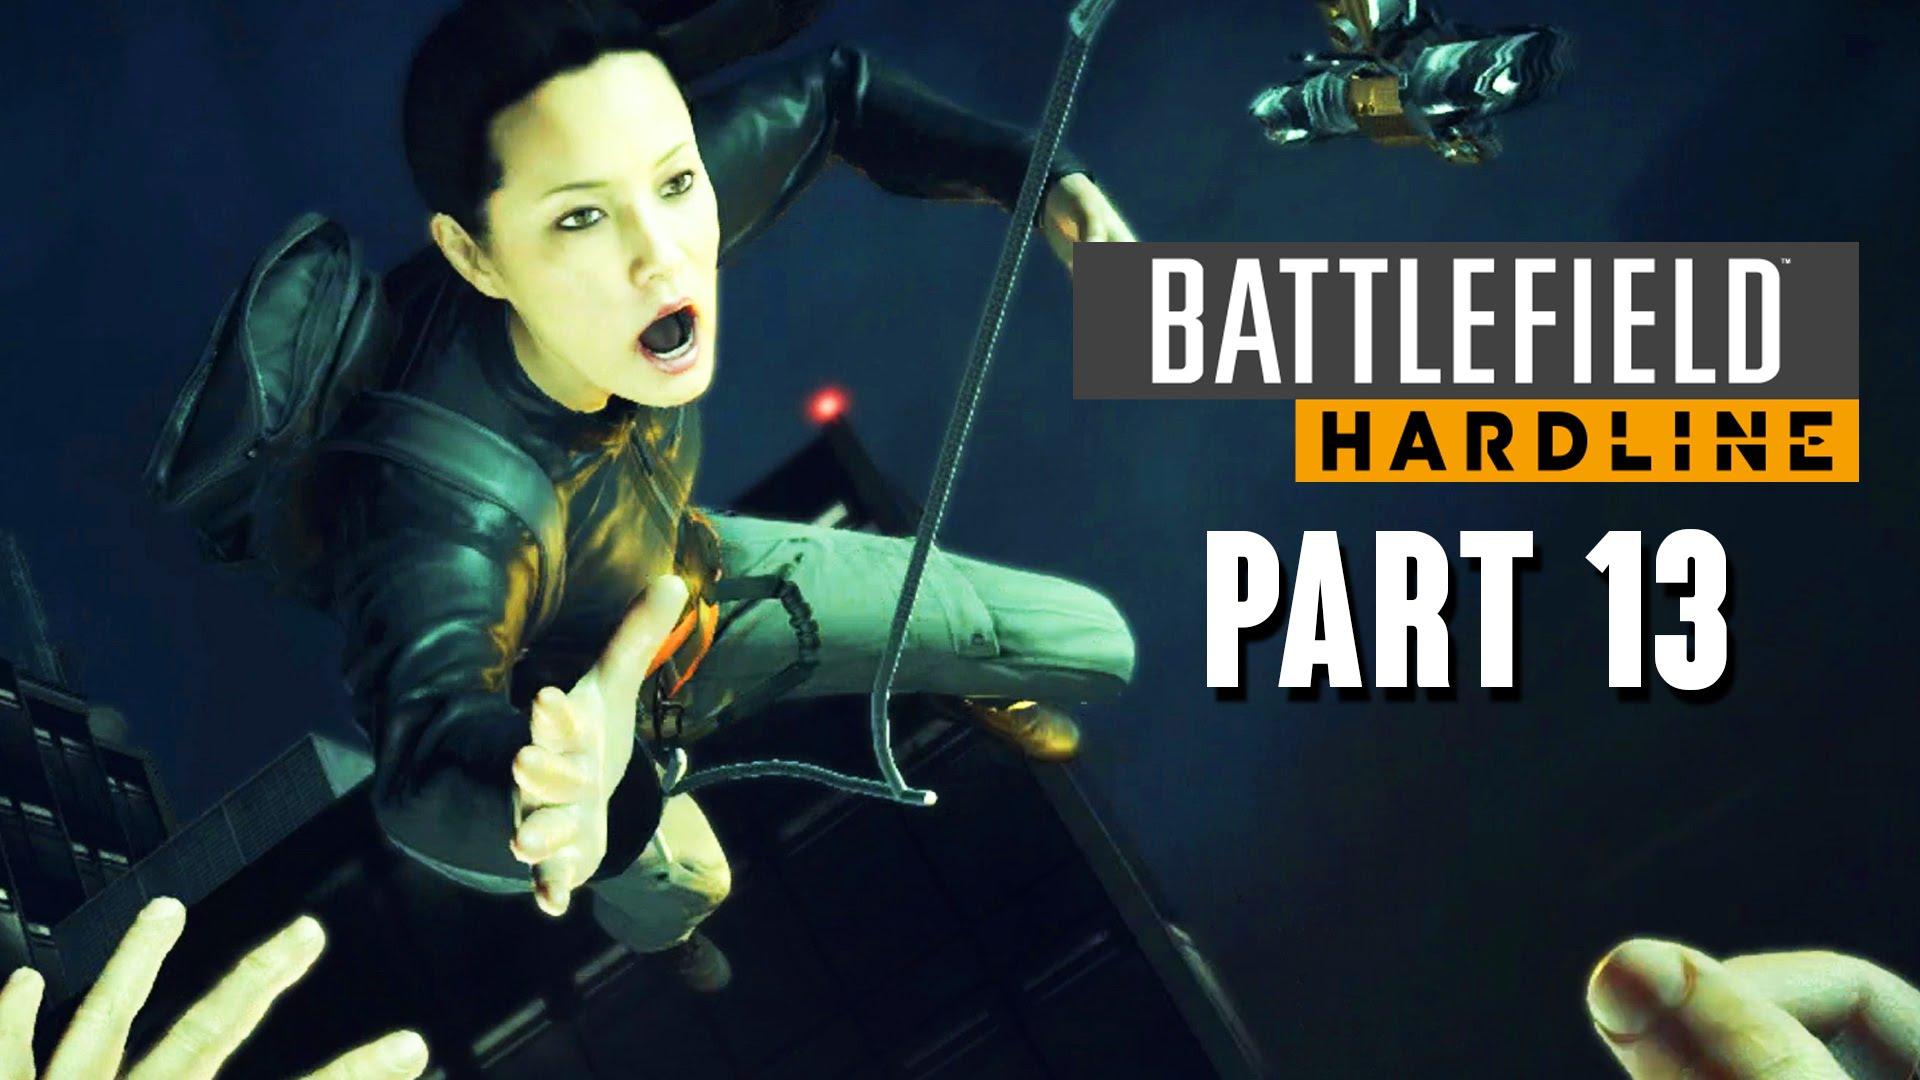 بتلفیلد هاردلاین مرحله 13 - Battlefield Hardline-PC